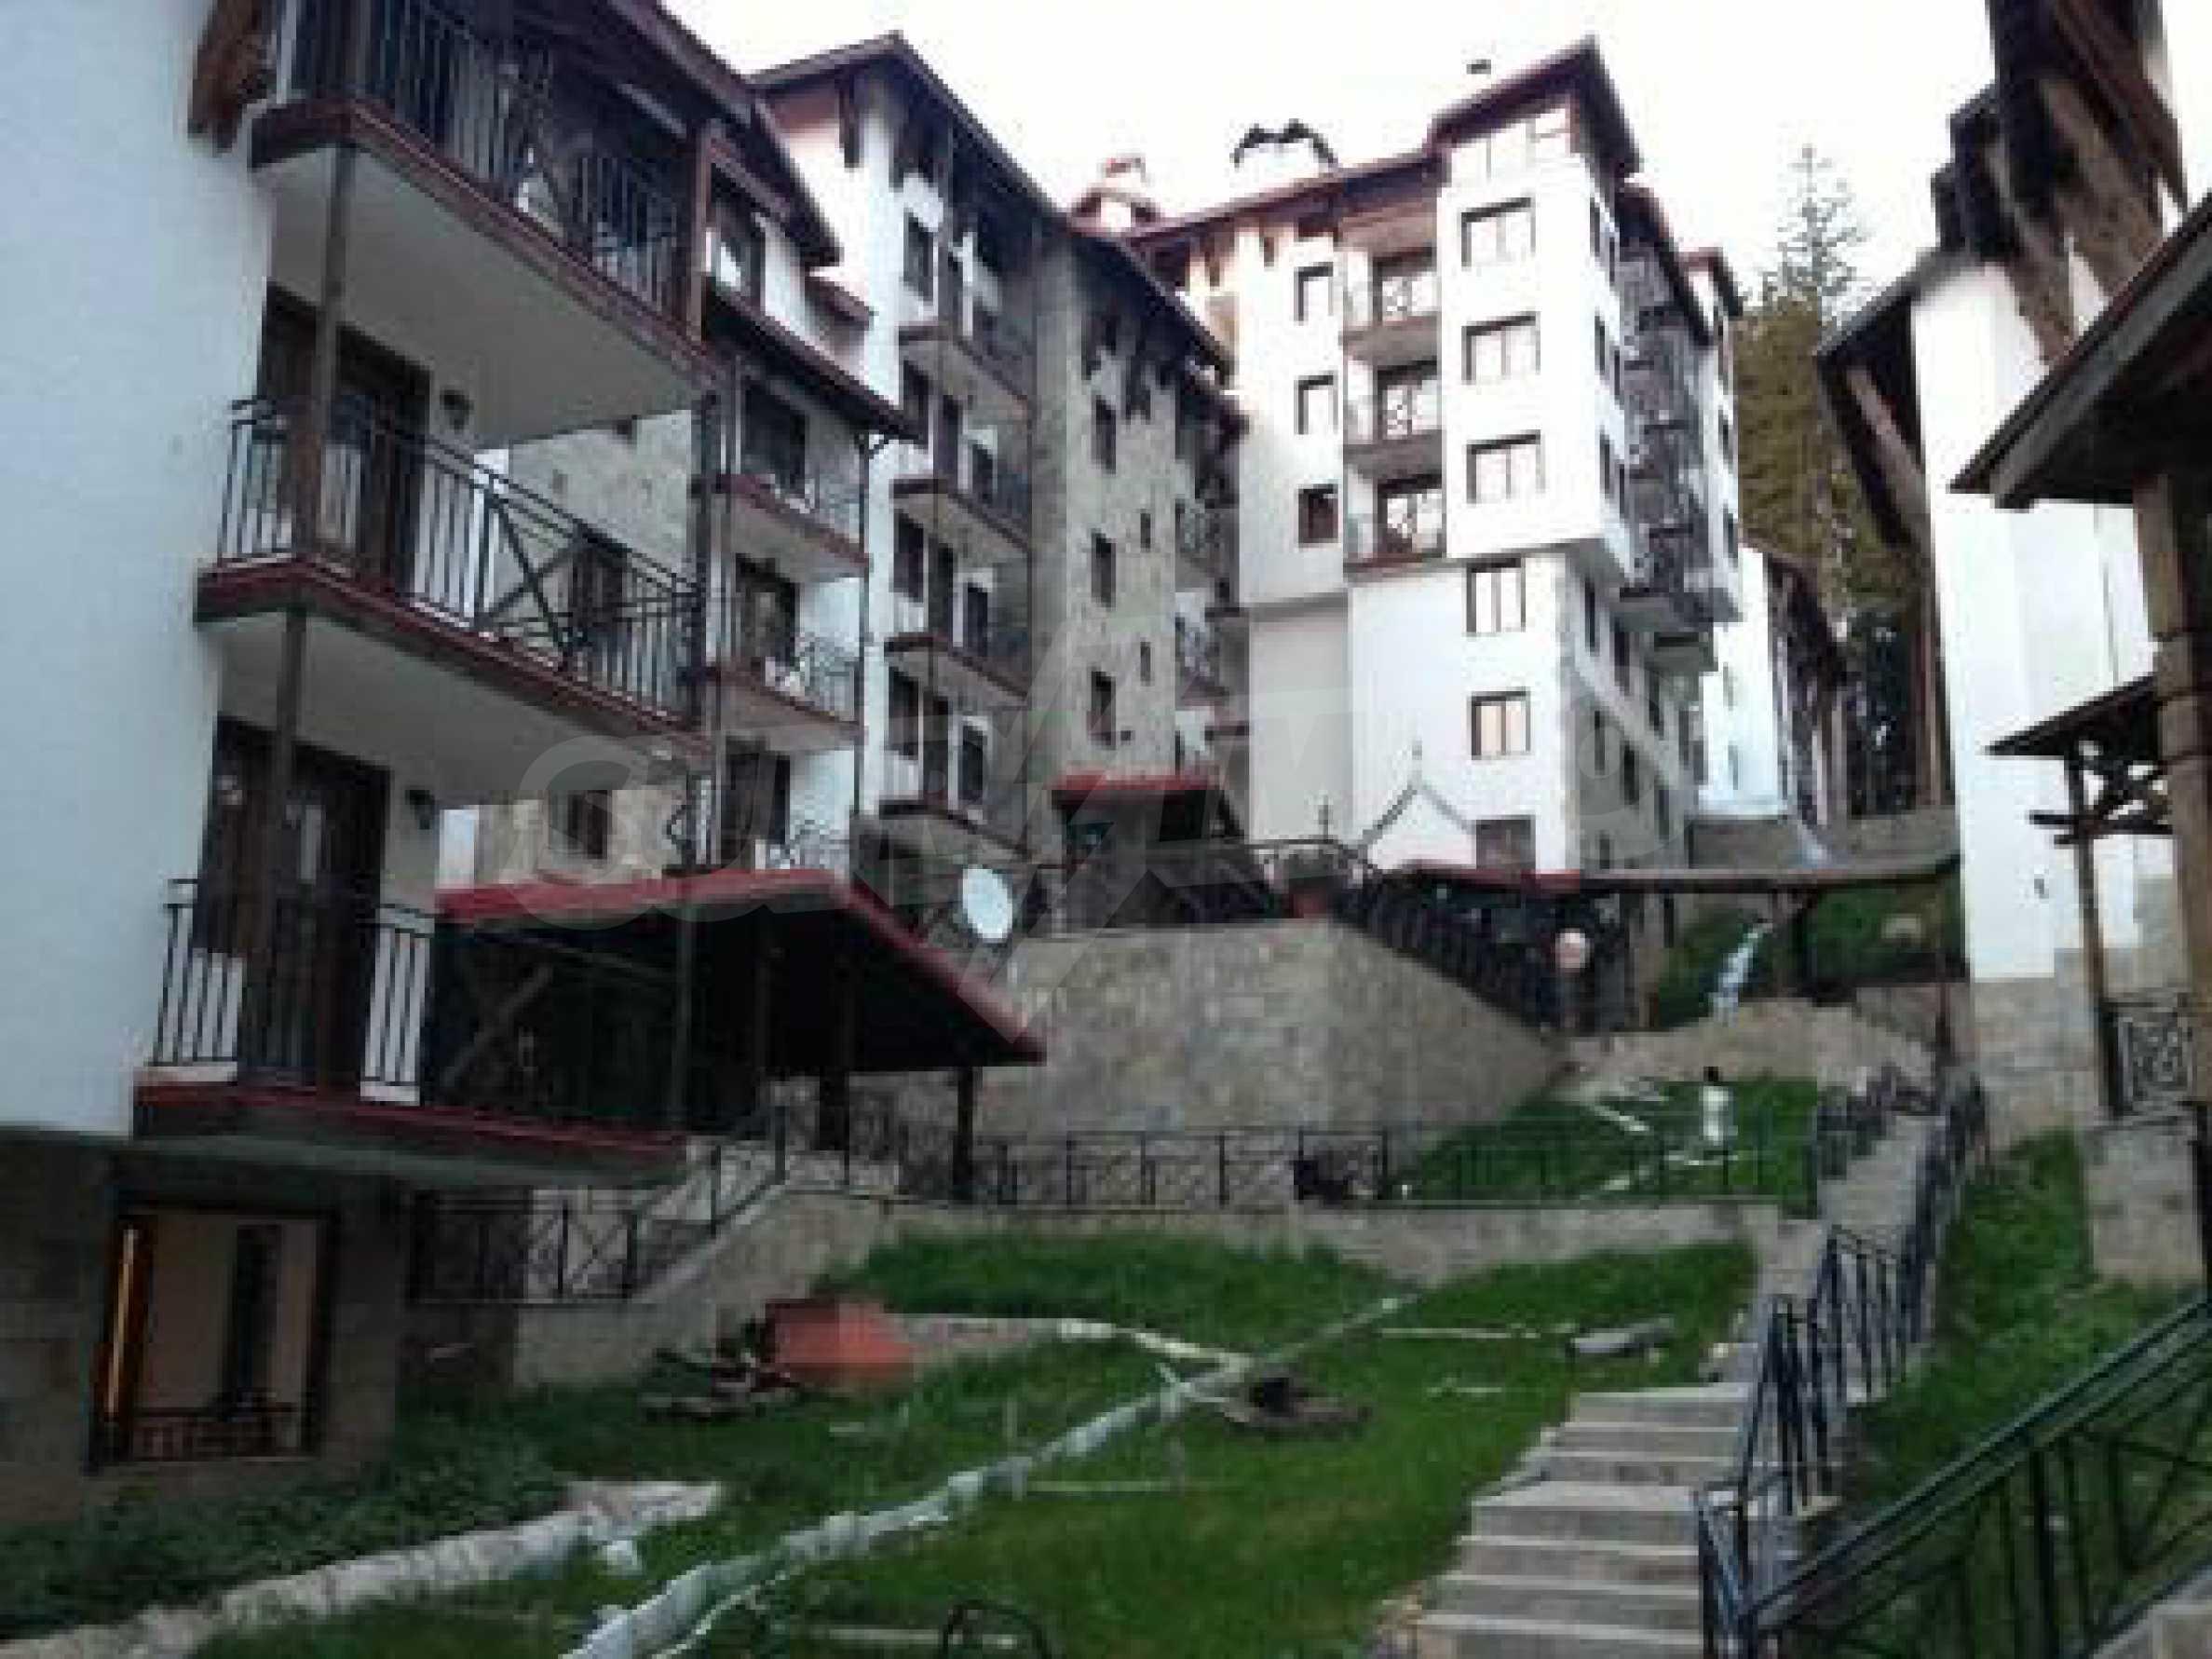 Hervorragend möbliertes Anwesen im Schlosshotel 23